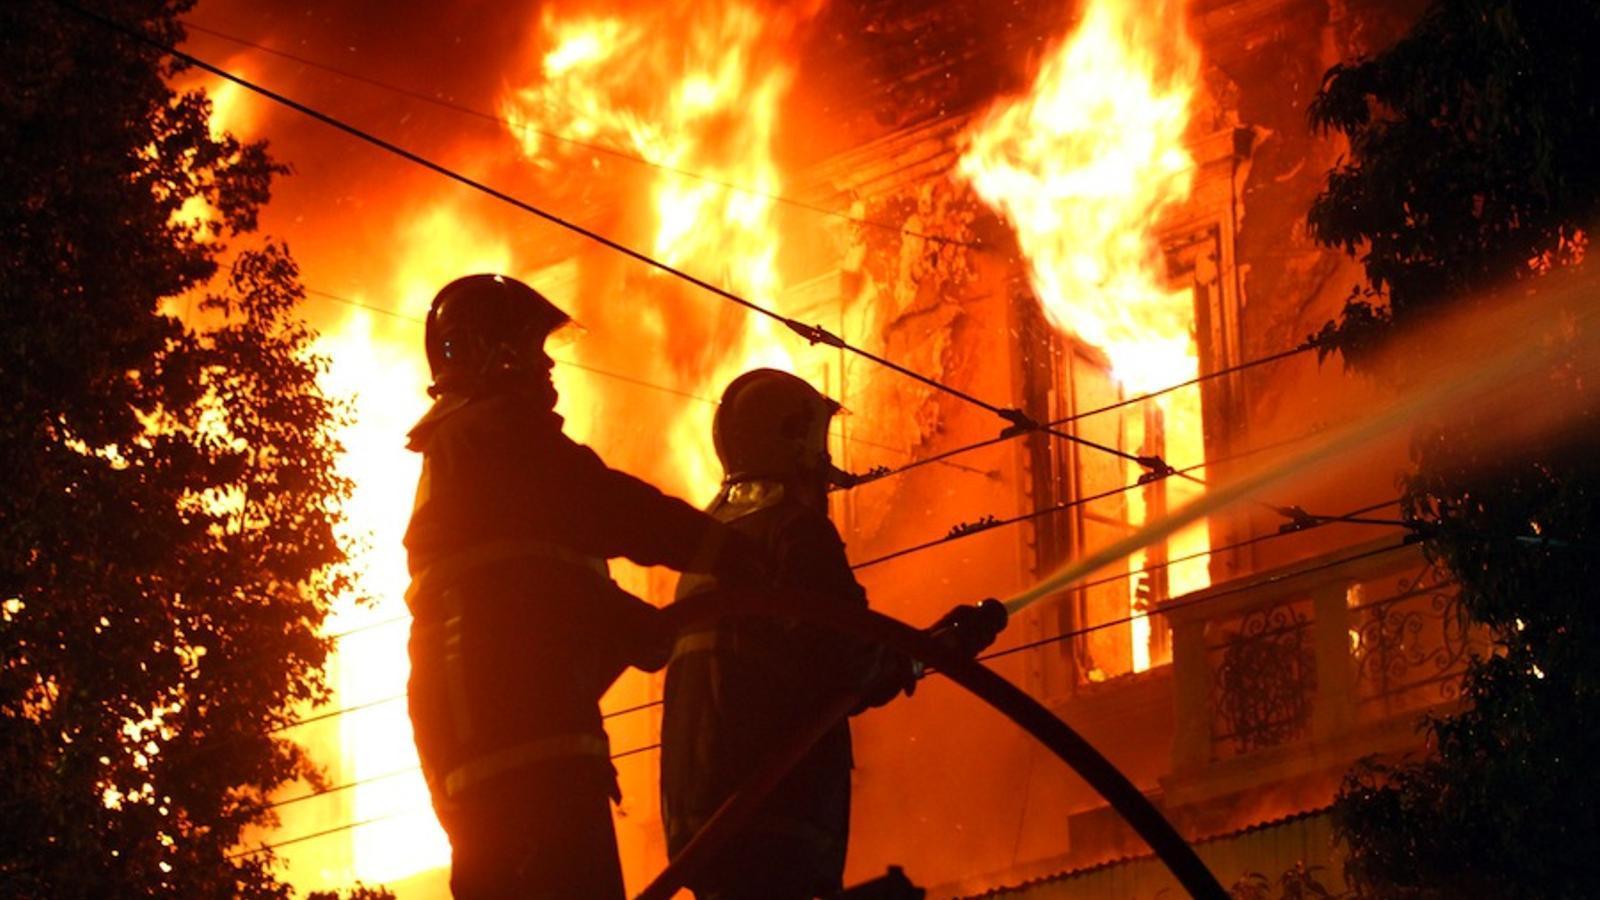 Els bombers intenten apagar un edifici incendiat / EFE